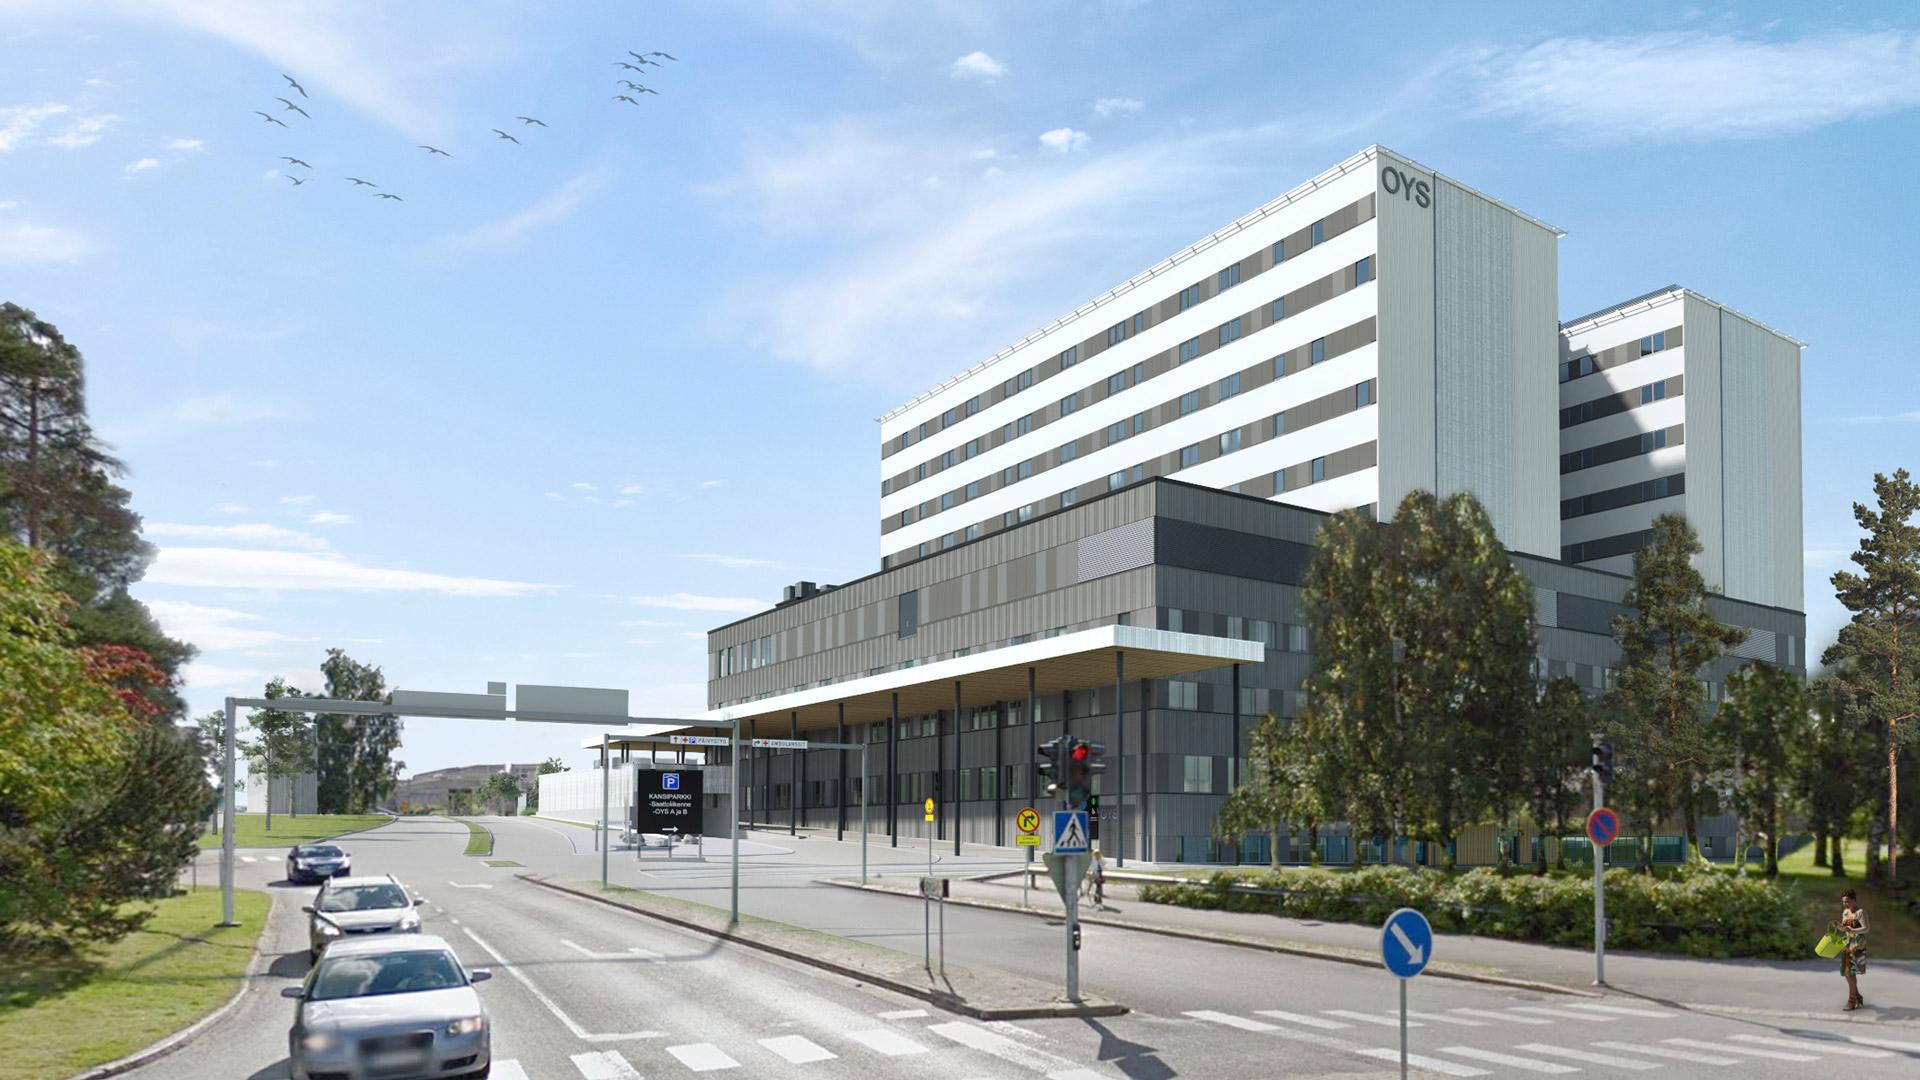 Havainnekuva OYS tulevaisuuden sairaalan ensimmäisen vaiheen suunnitelmista. Kuvassa ensimmäinen vaihe kuvattuna kajaanintieltä